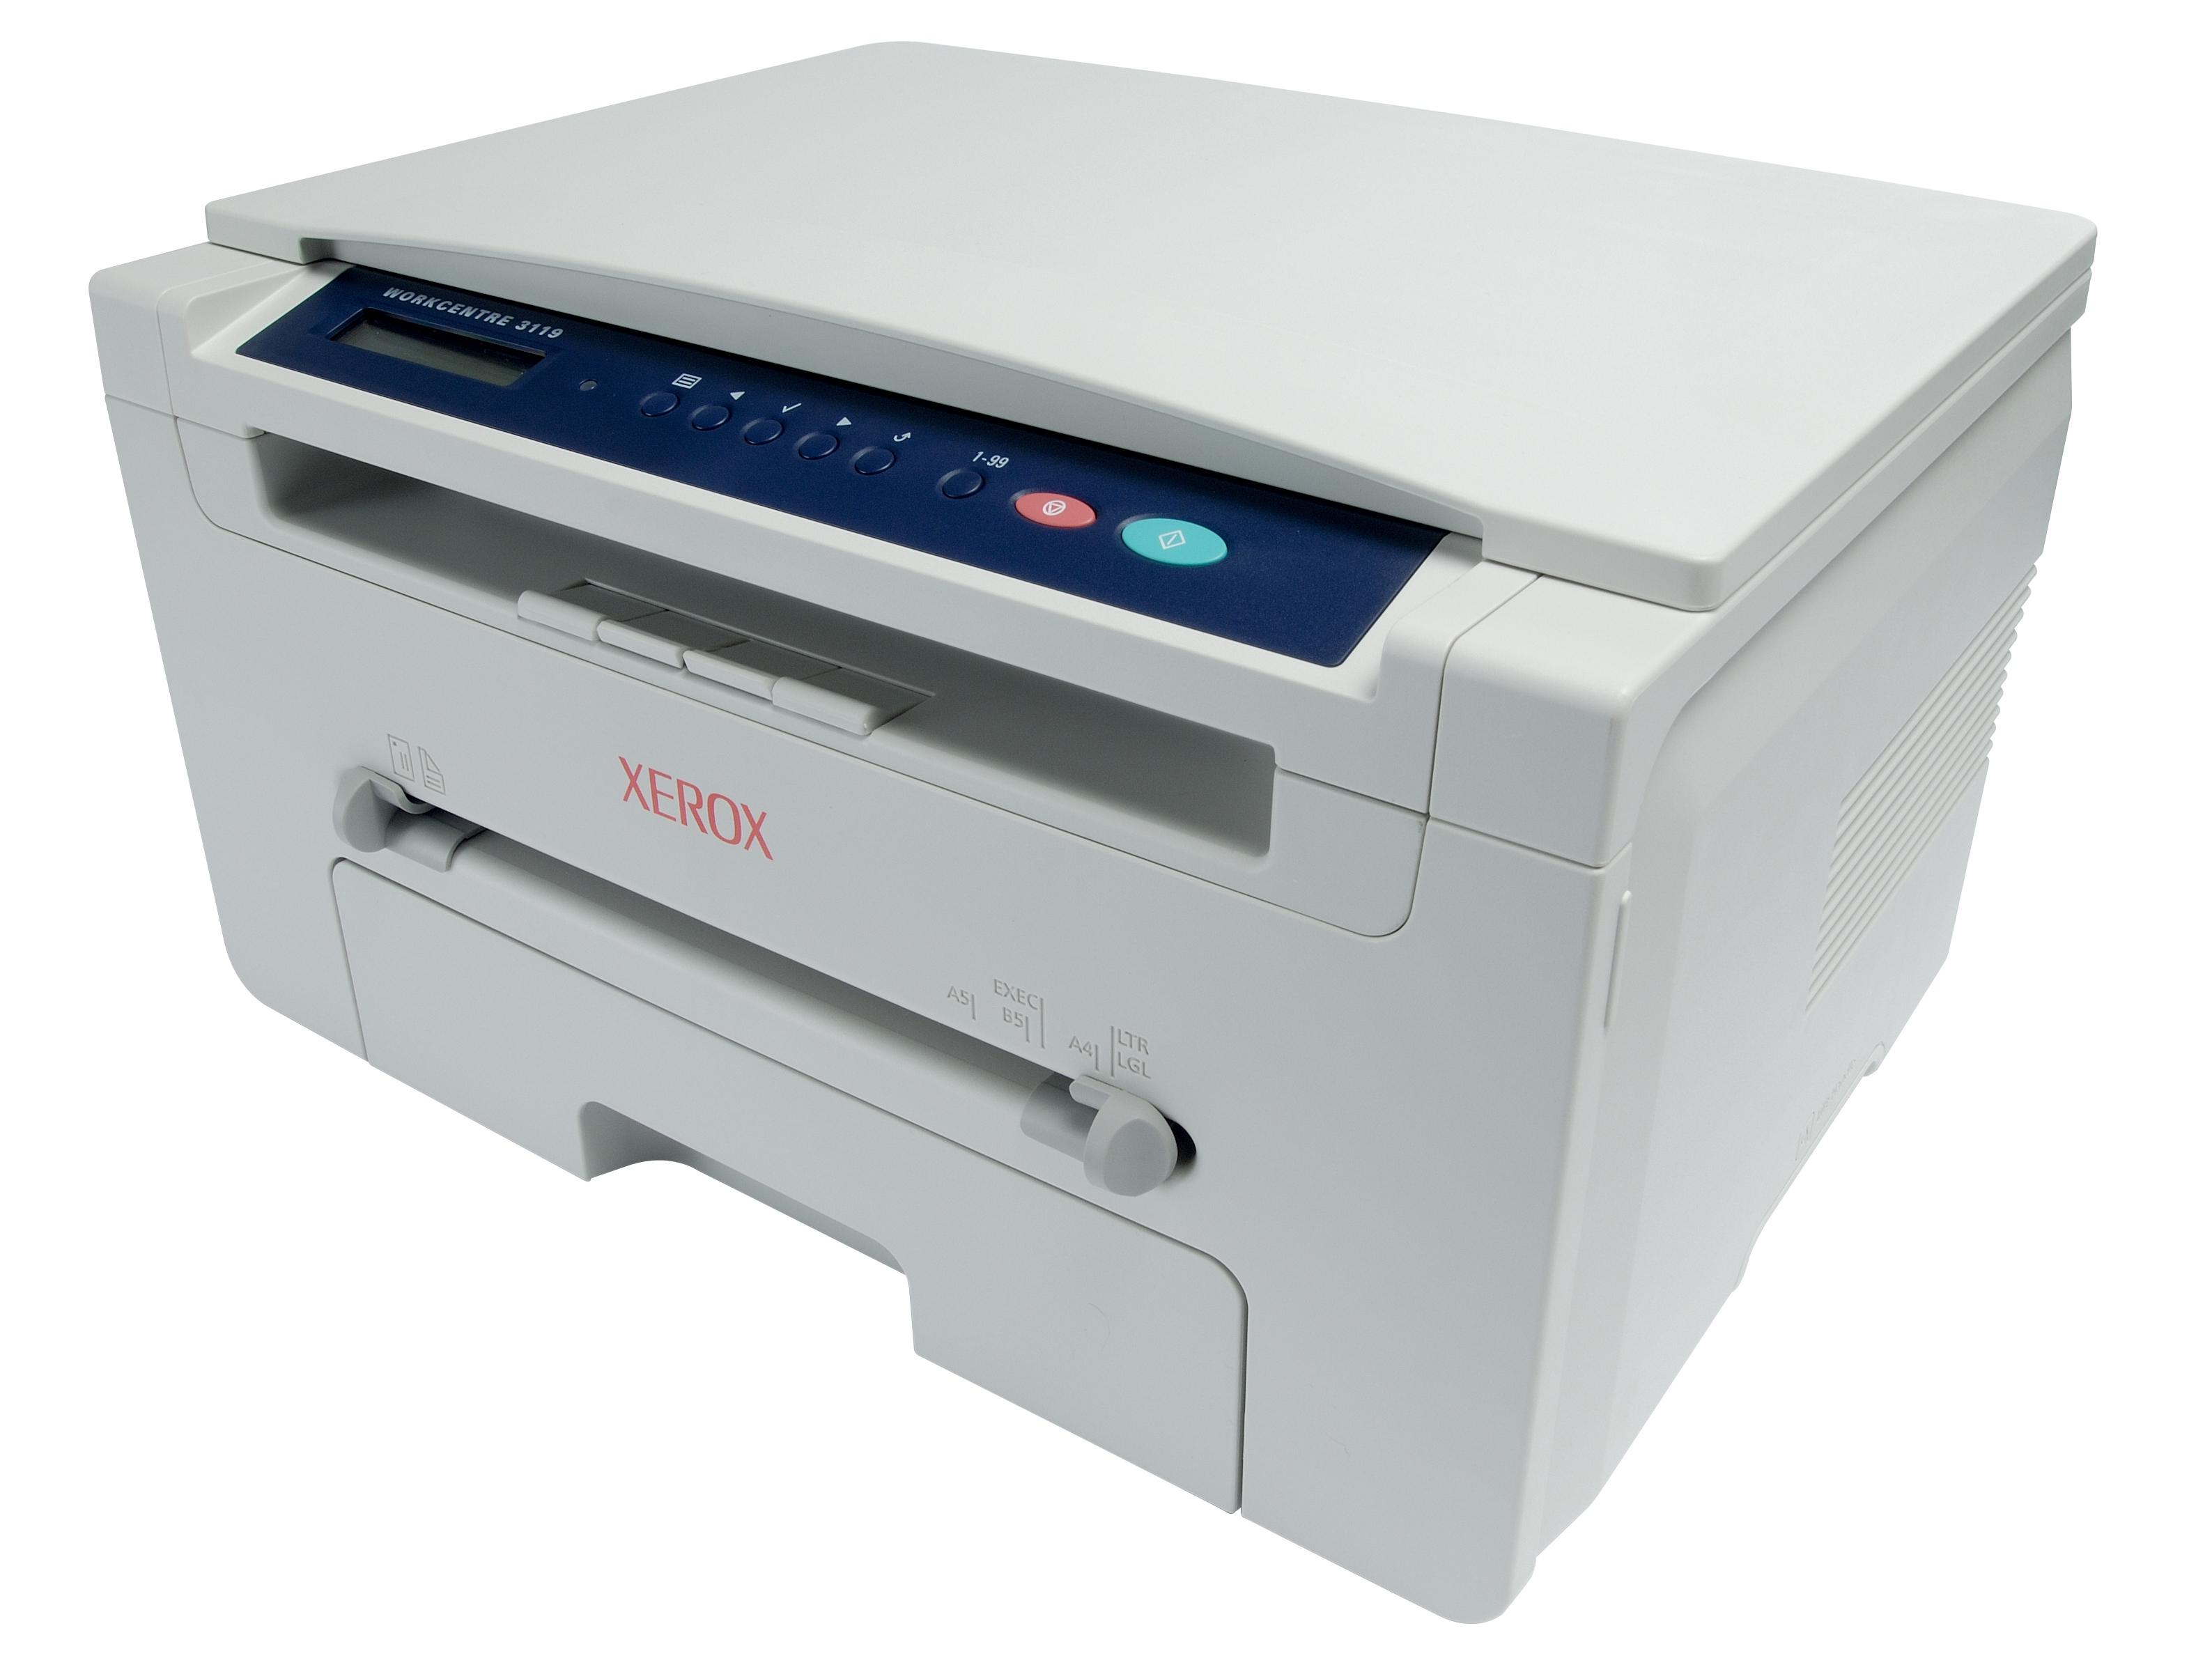 Xerox workcentre 3119 скачать драйвер бесплатно